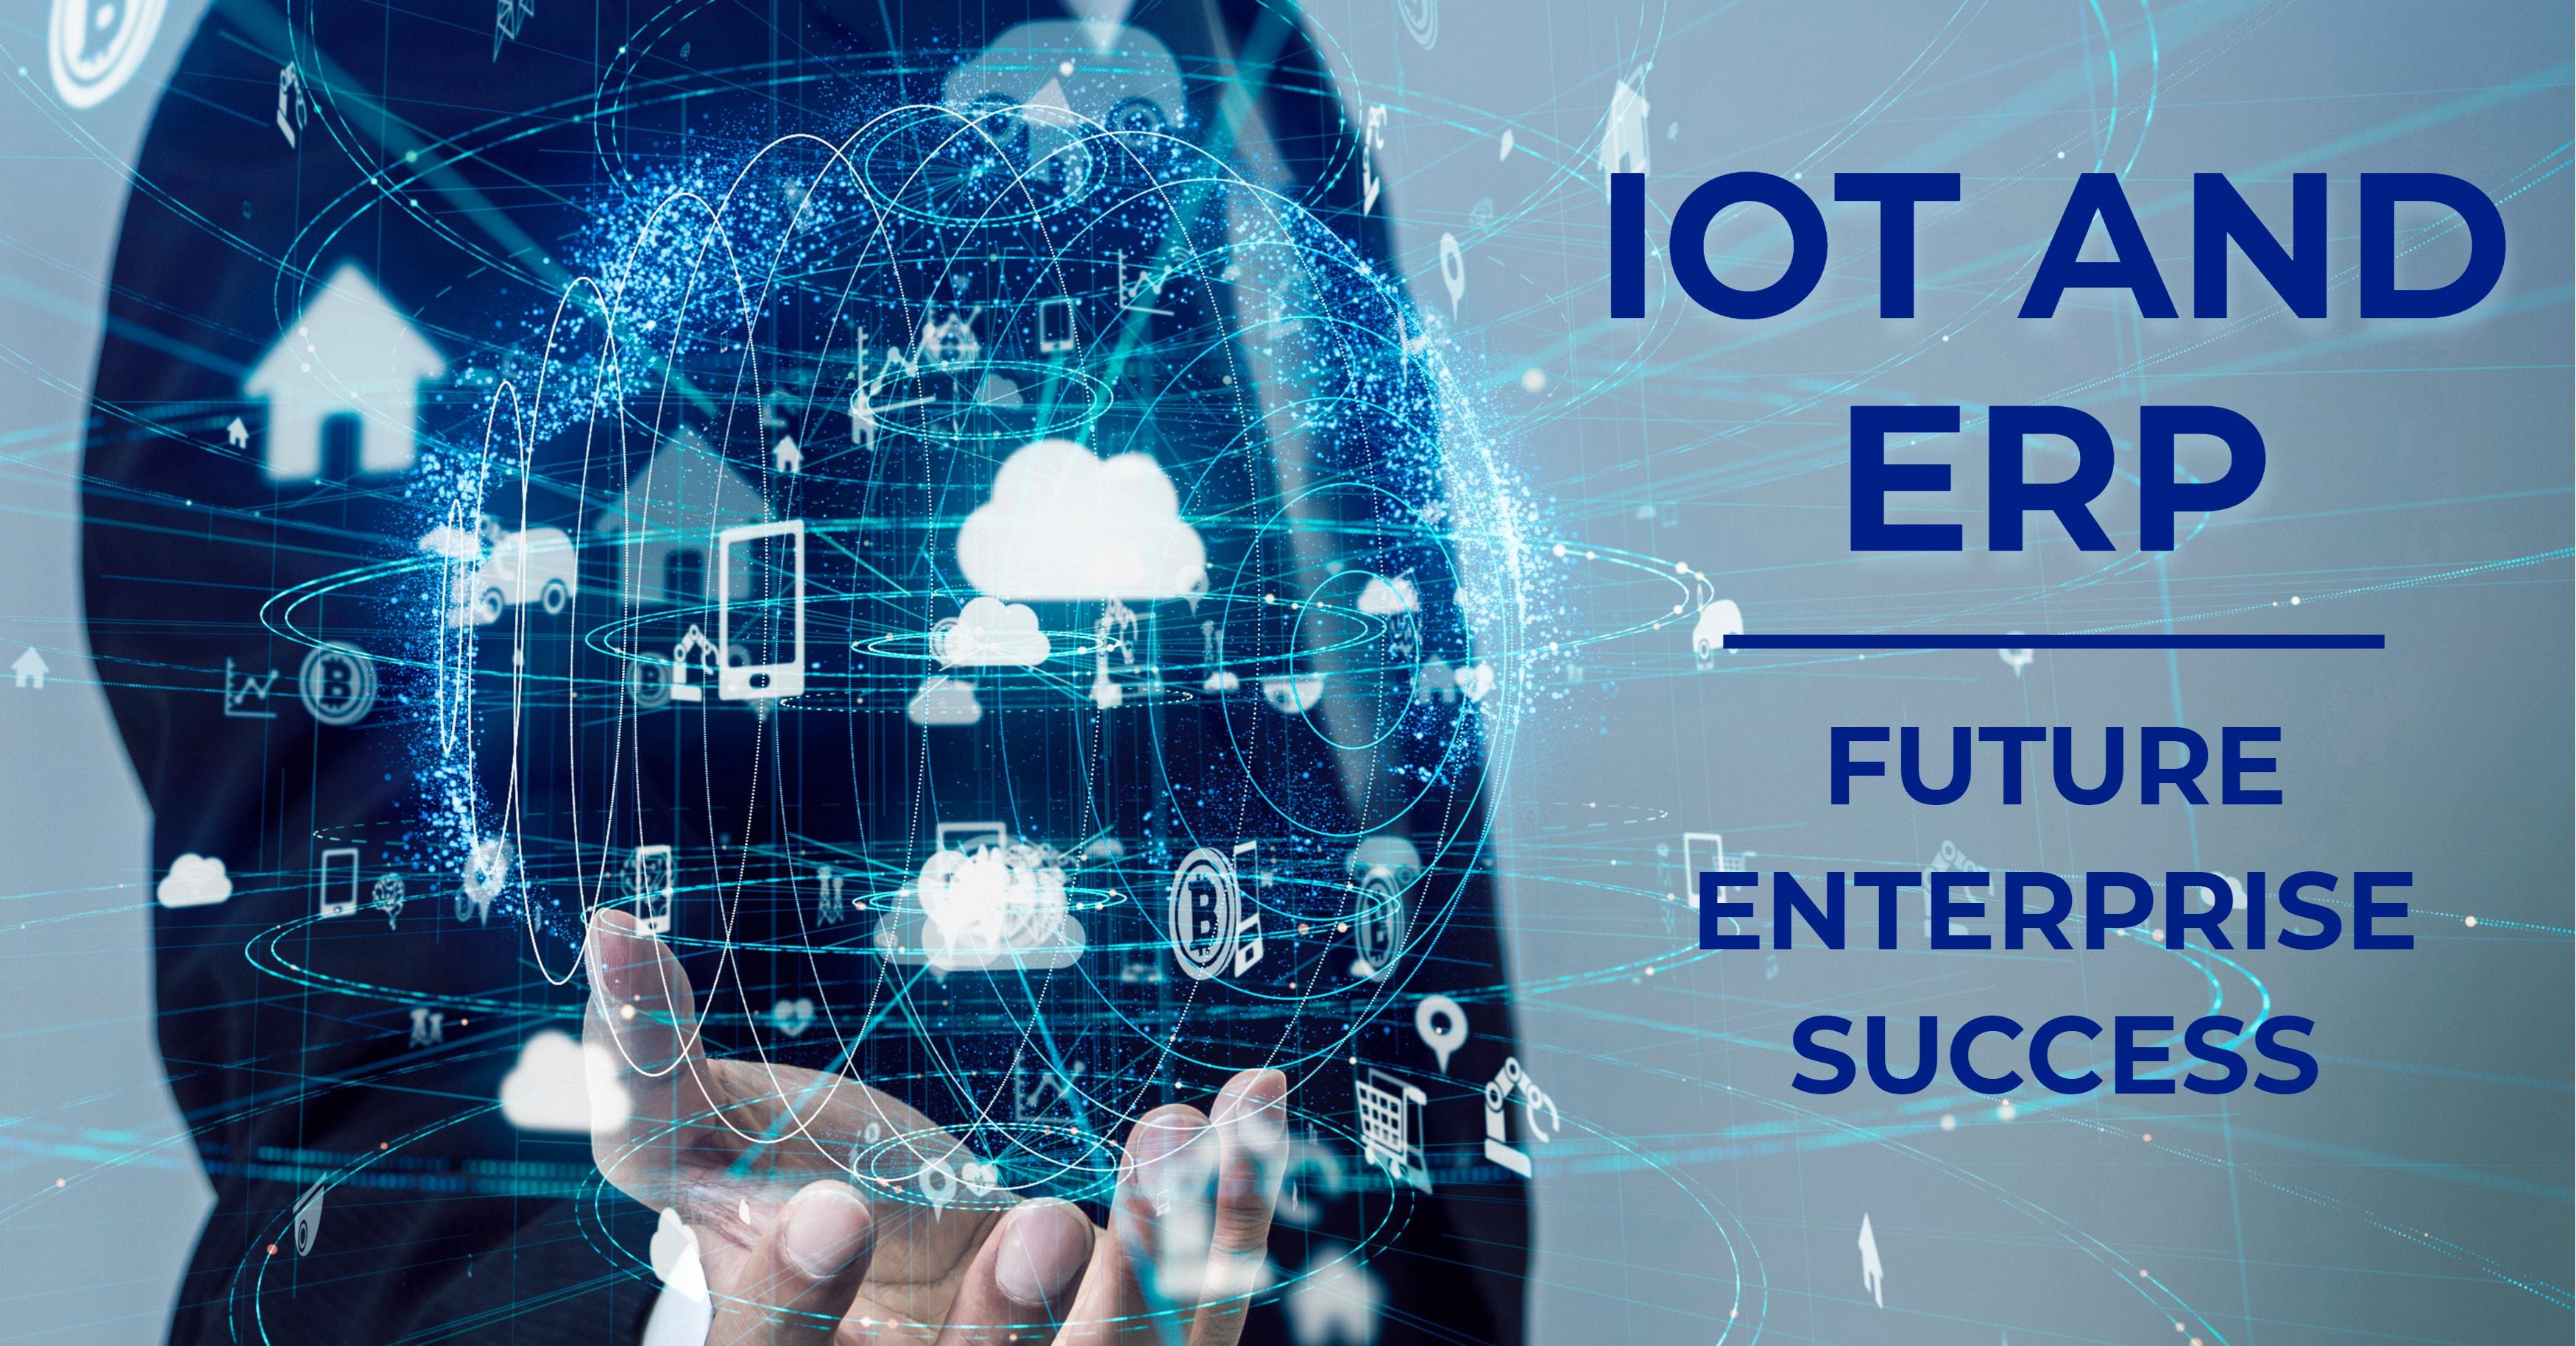 IoT ERP Future